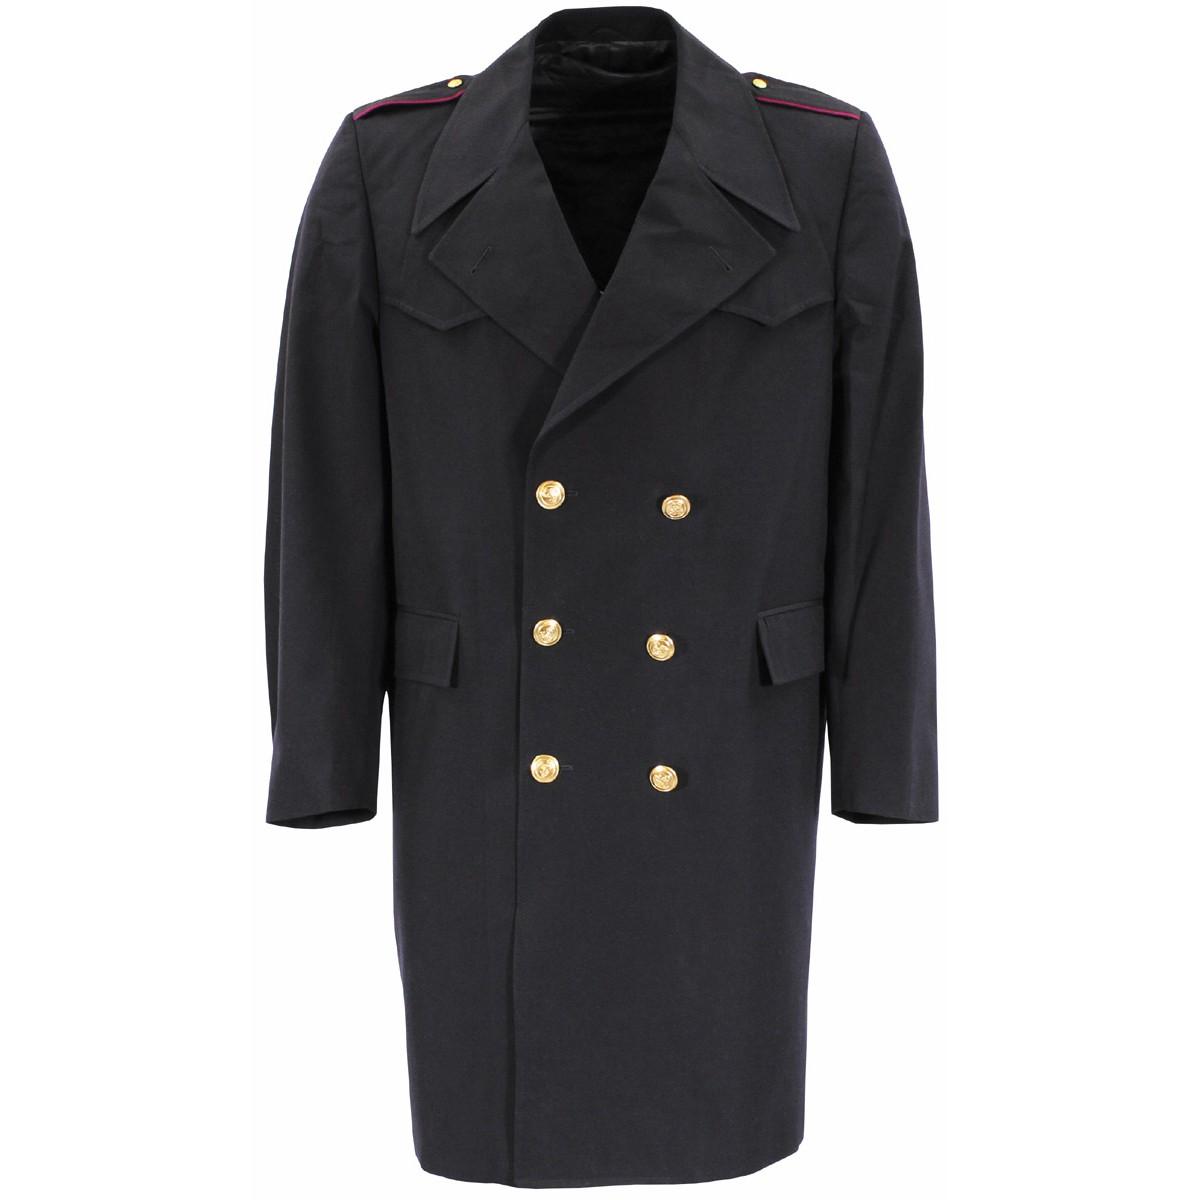 Kabát italský MARINE dvouřadé zapínání MODRÝ Armáda Italská 609240 L-11